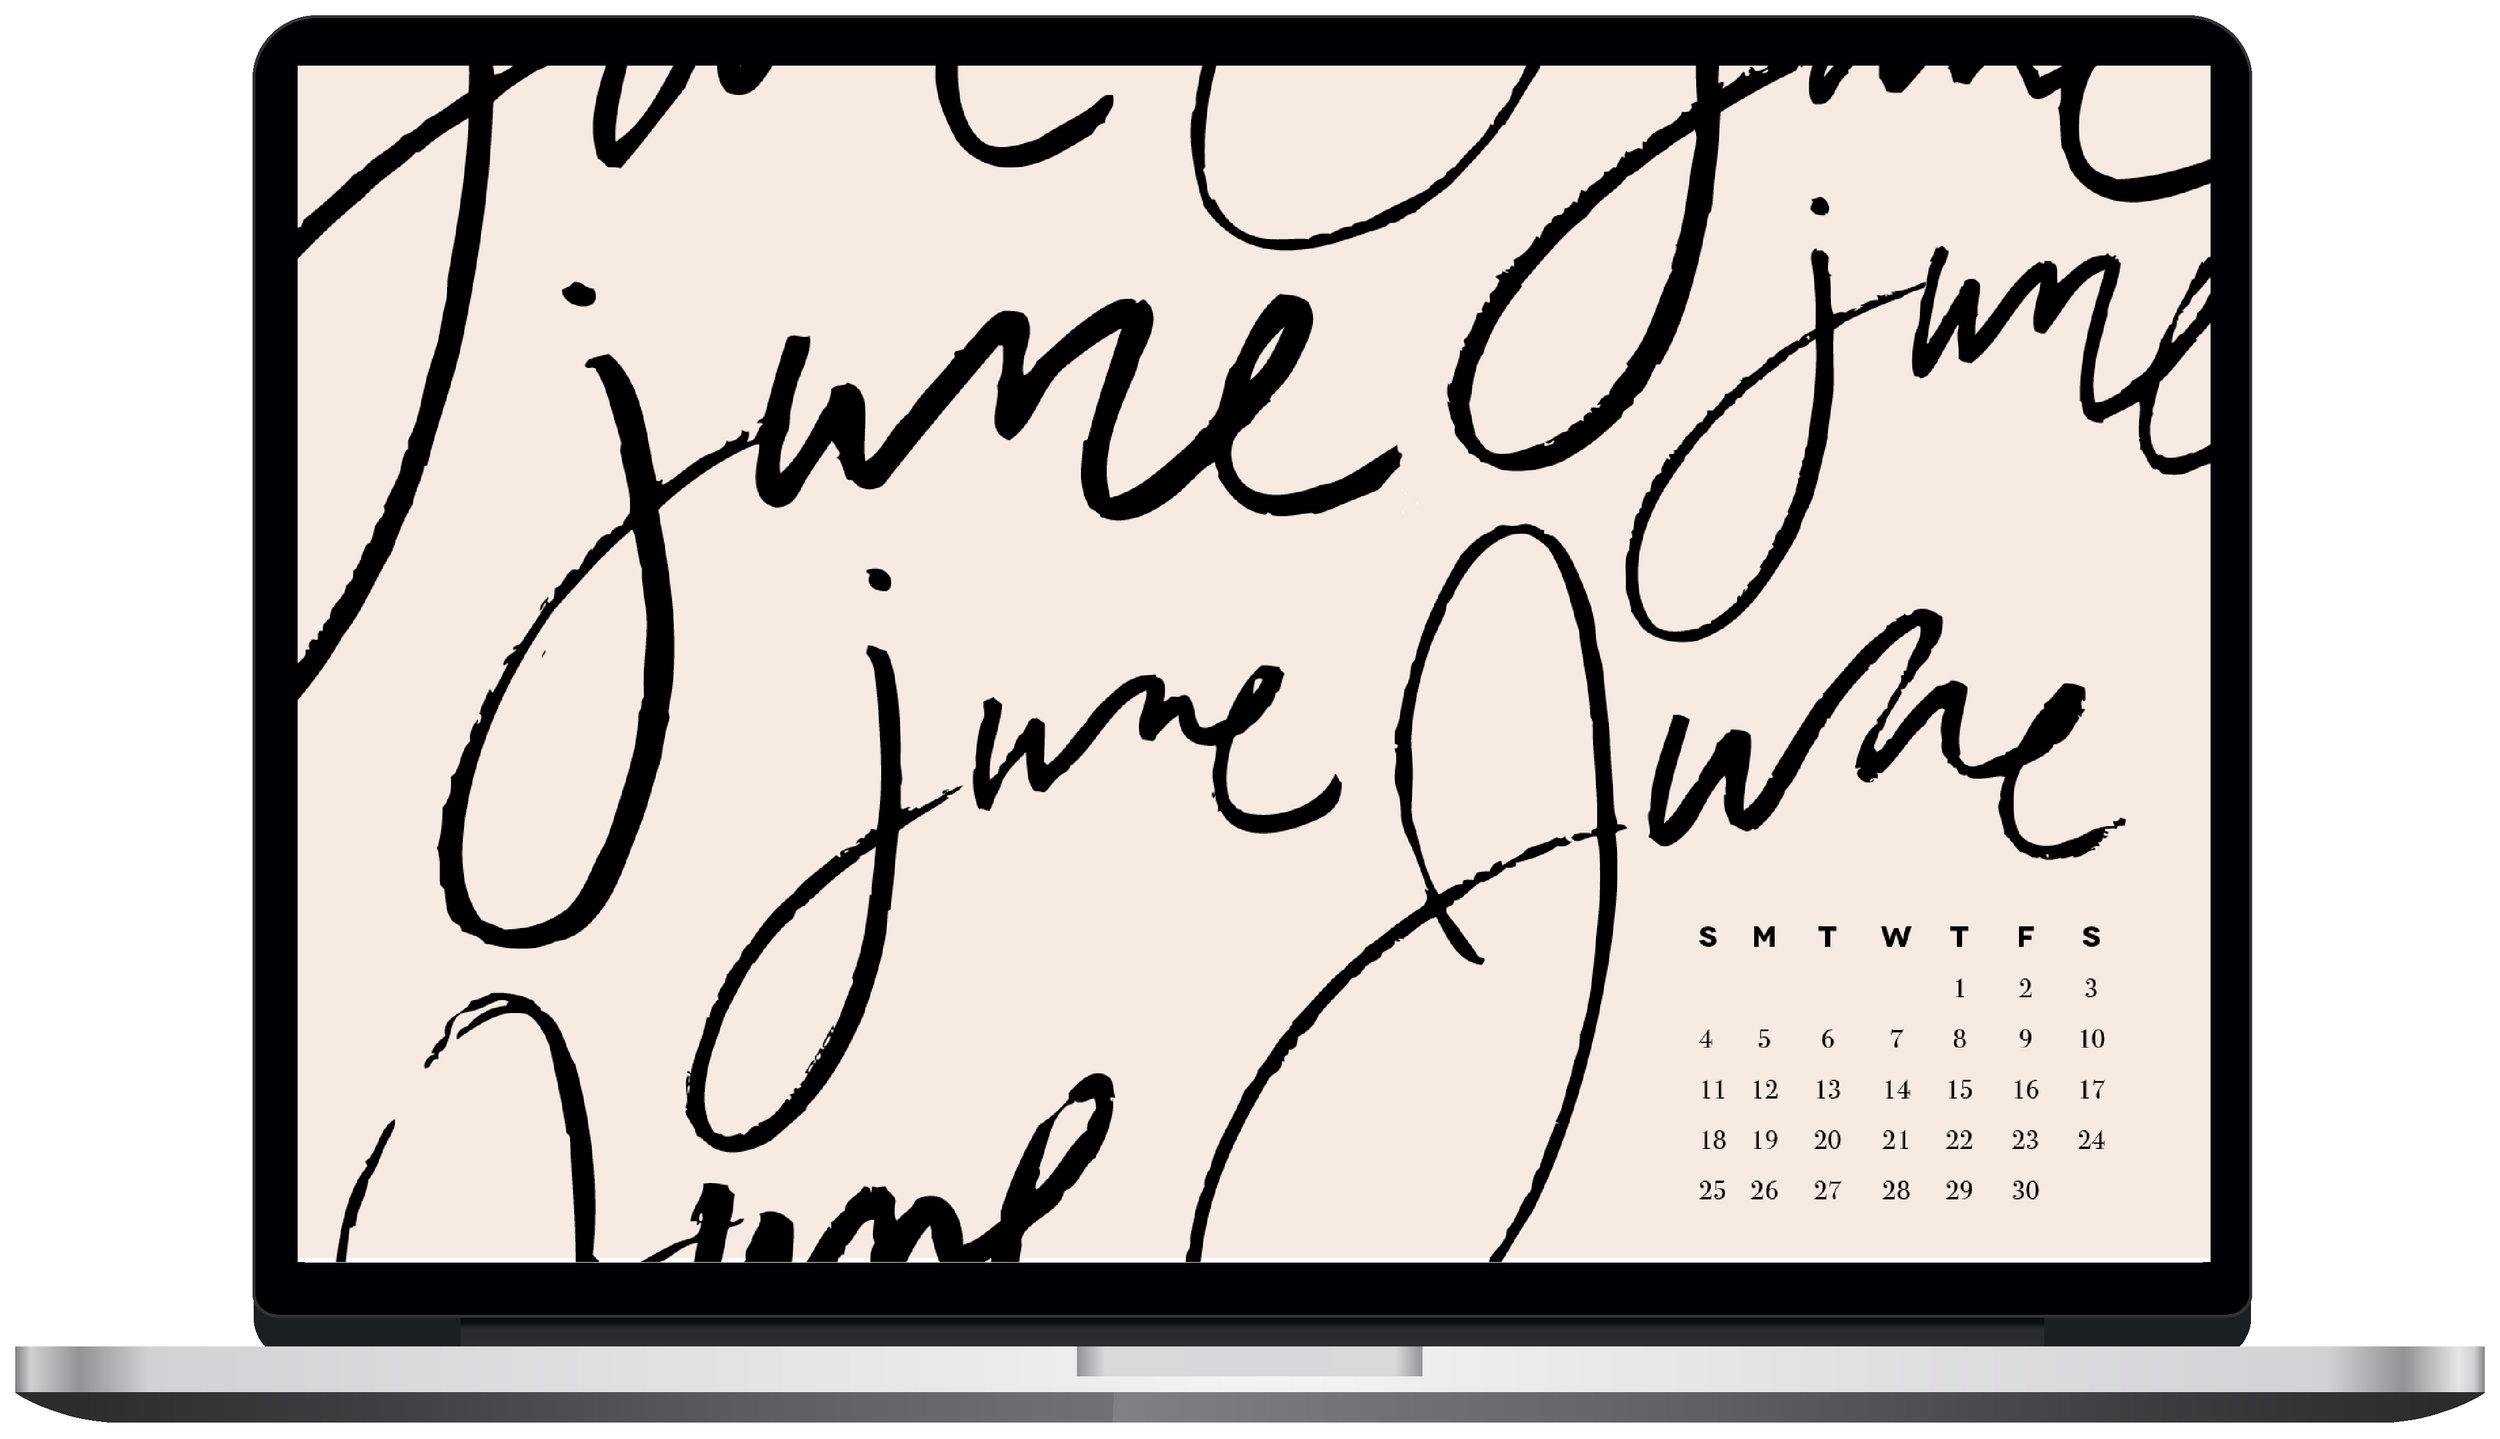 June desktop wallpaper